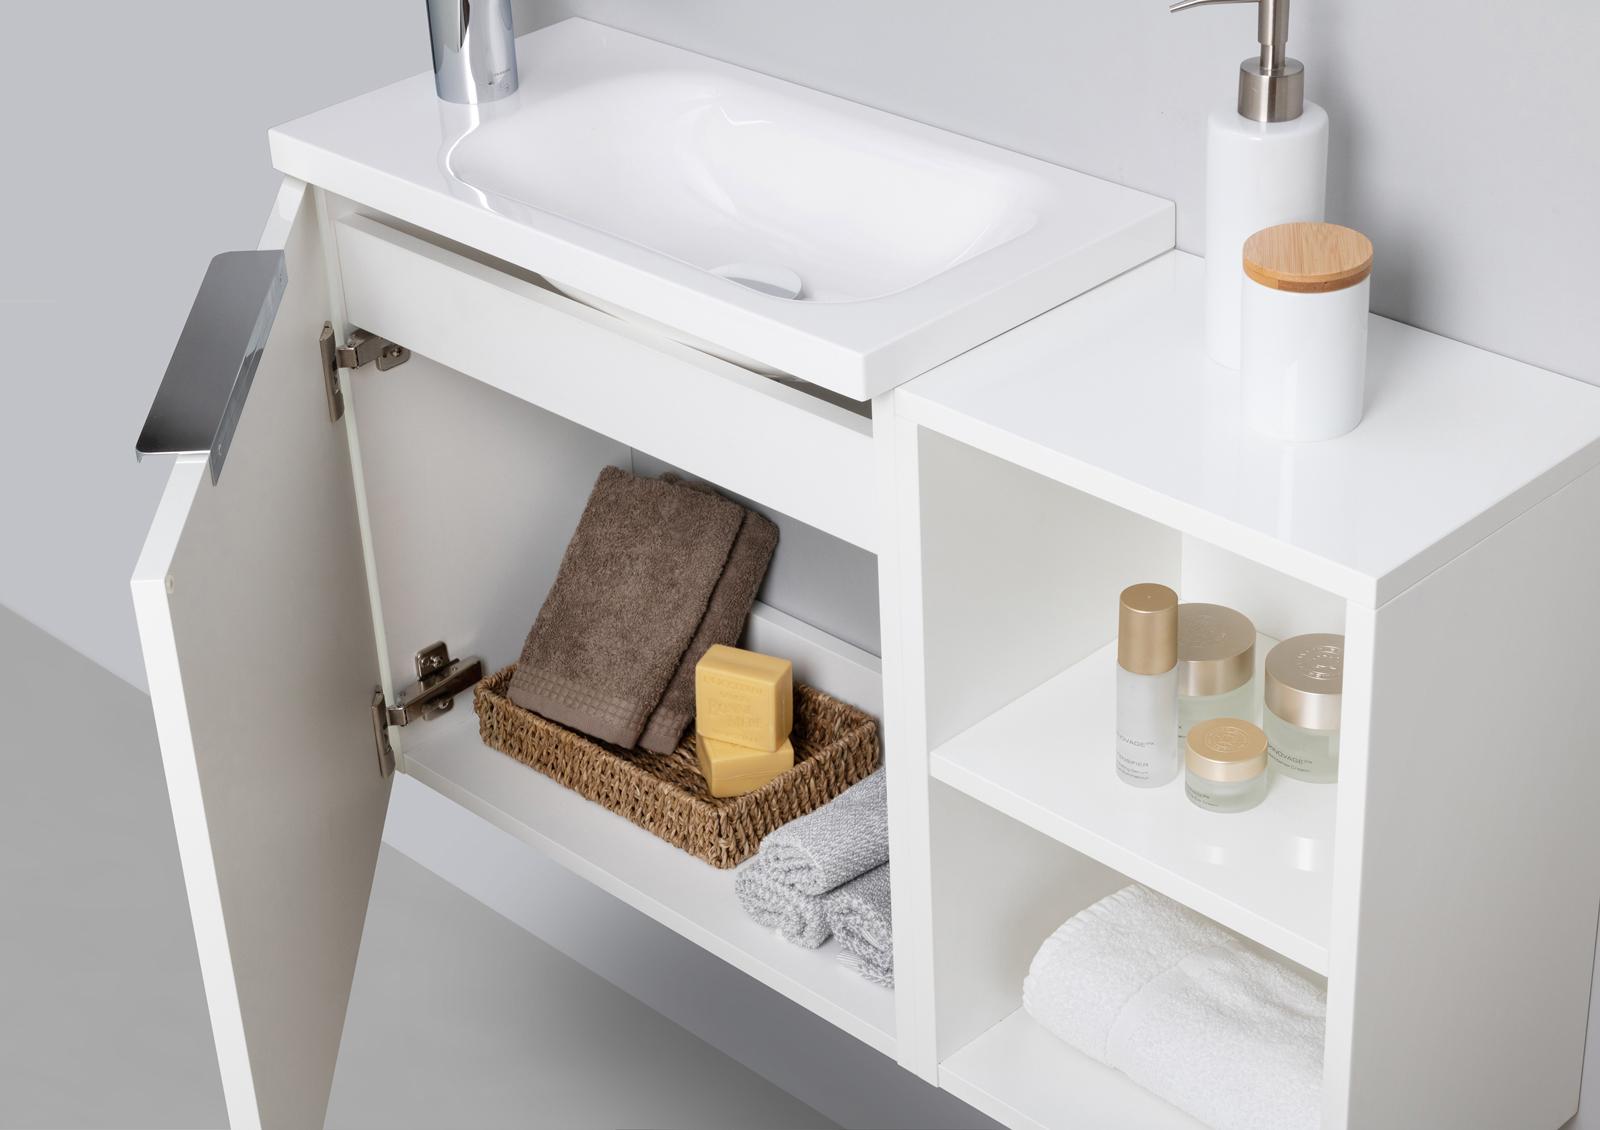 Gäste Wc Badmöbel Set Waschtisch Mit Unterschrank Made In Germany